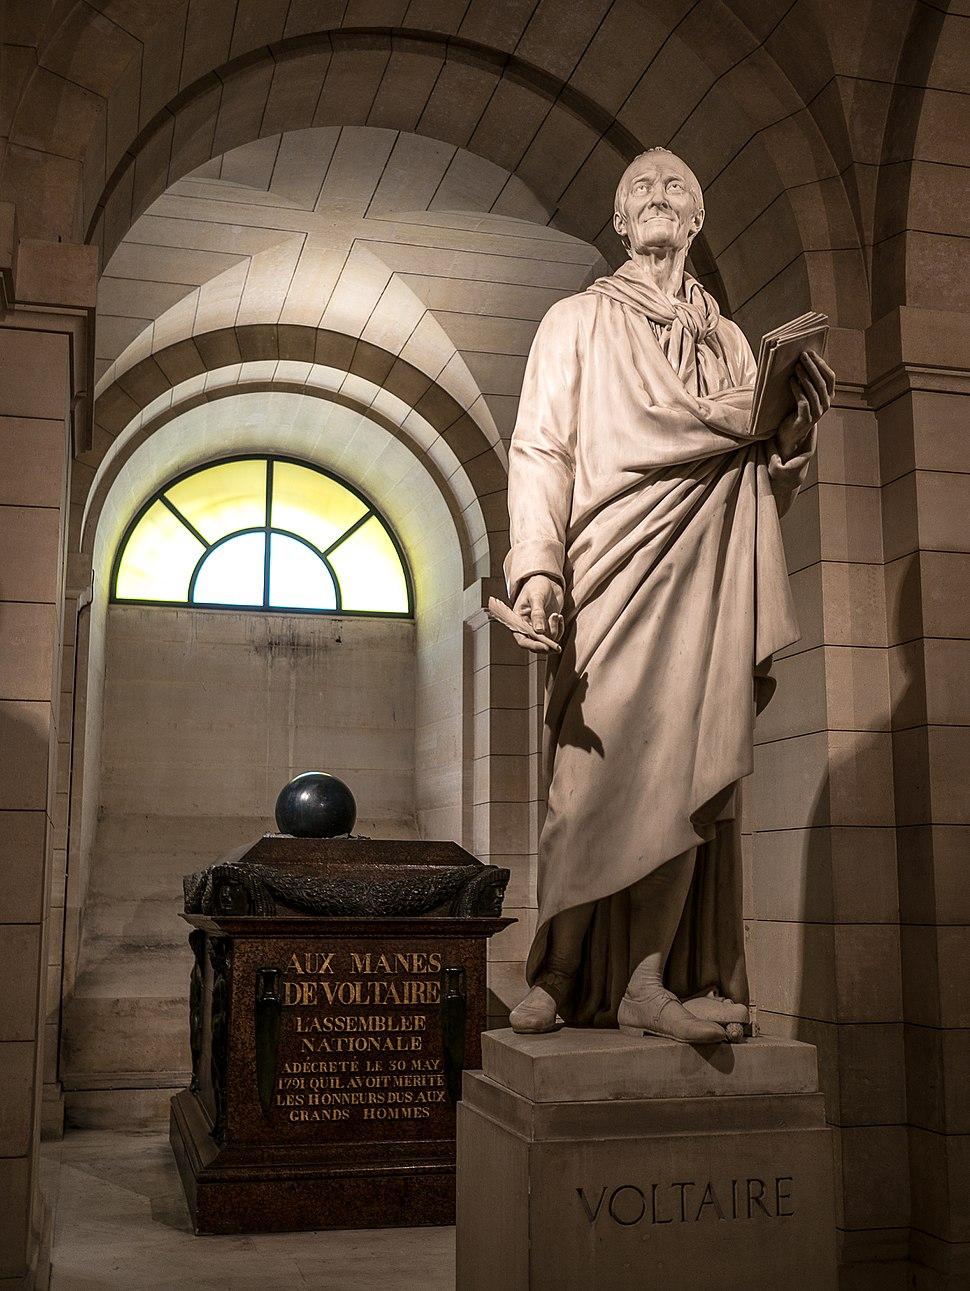 Tombeau et statue de Voltaire, Paris 8 juin 2014